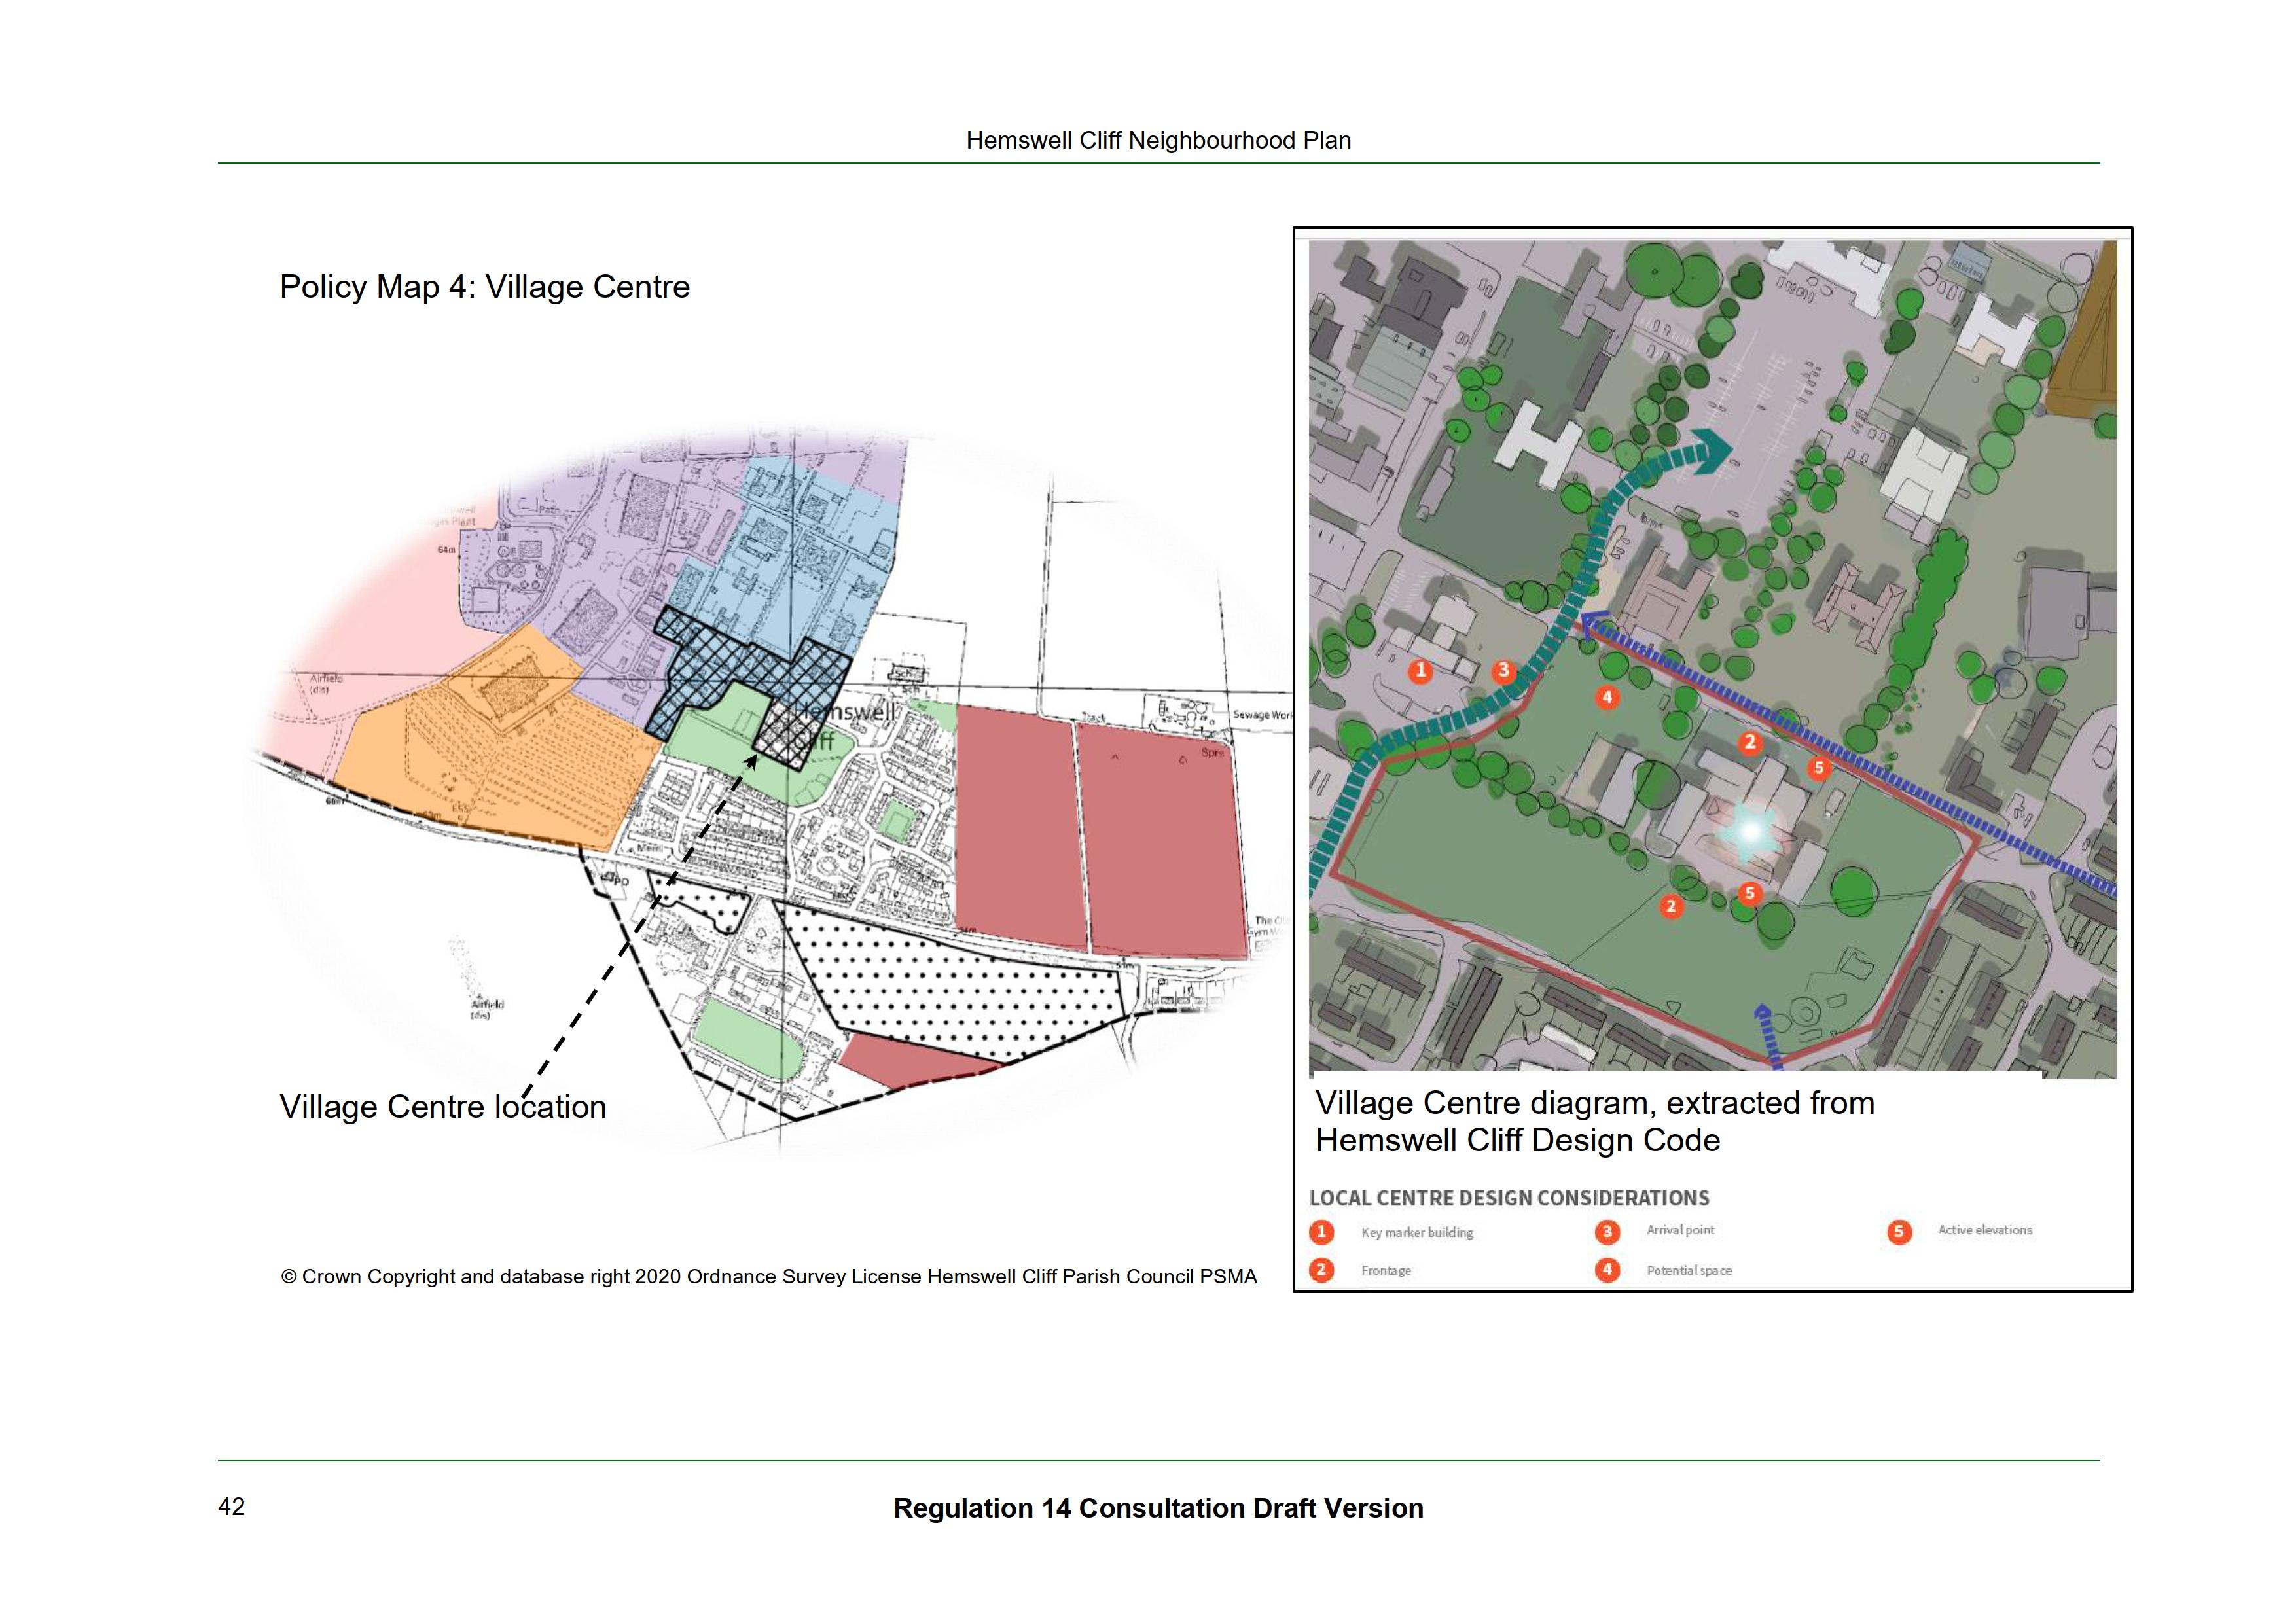 Hemswell_Cliff_R14_Draft_Neighbourhood_Plan_42.png